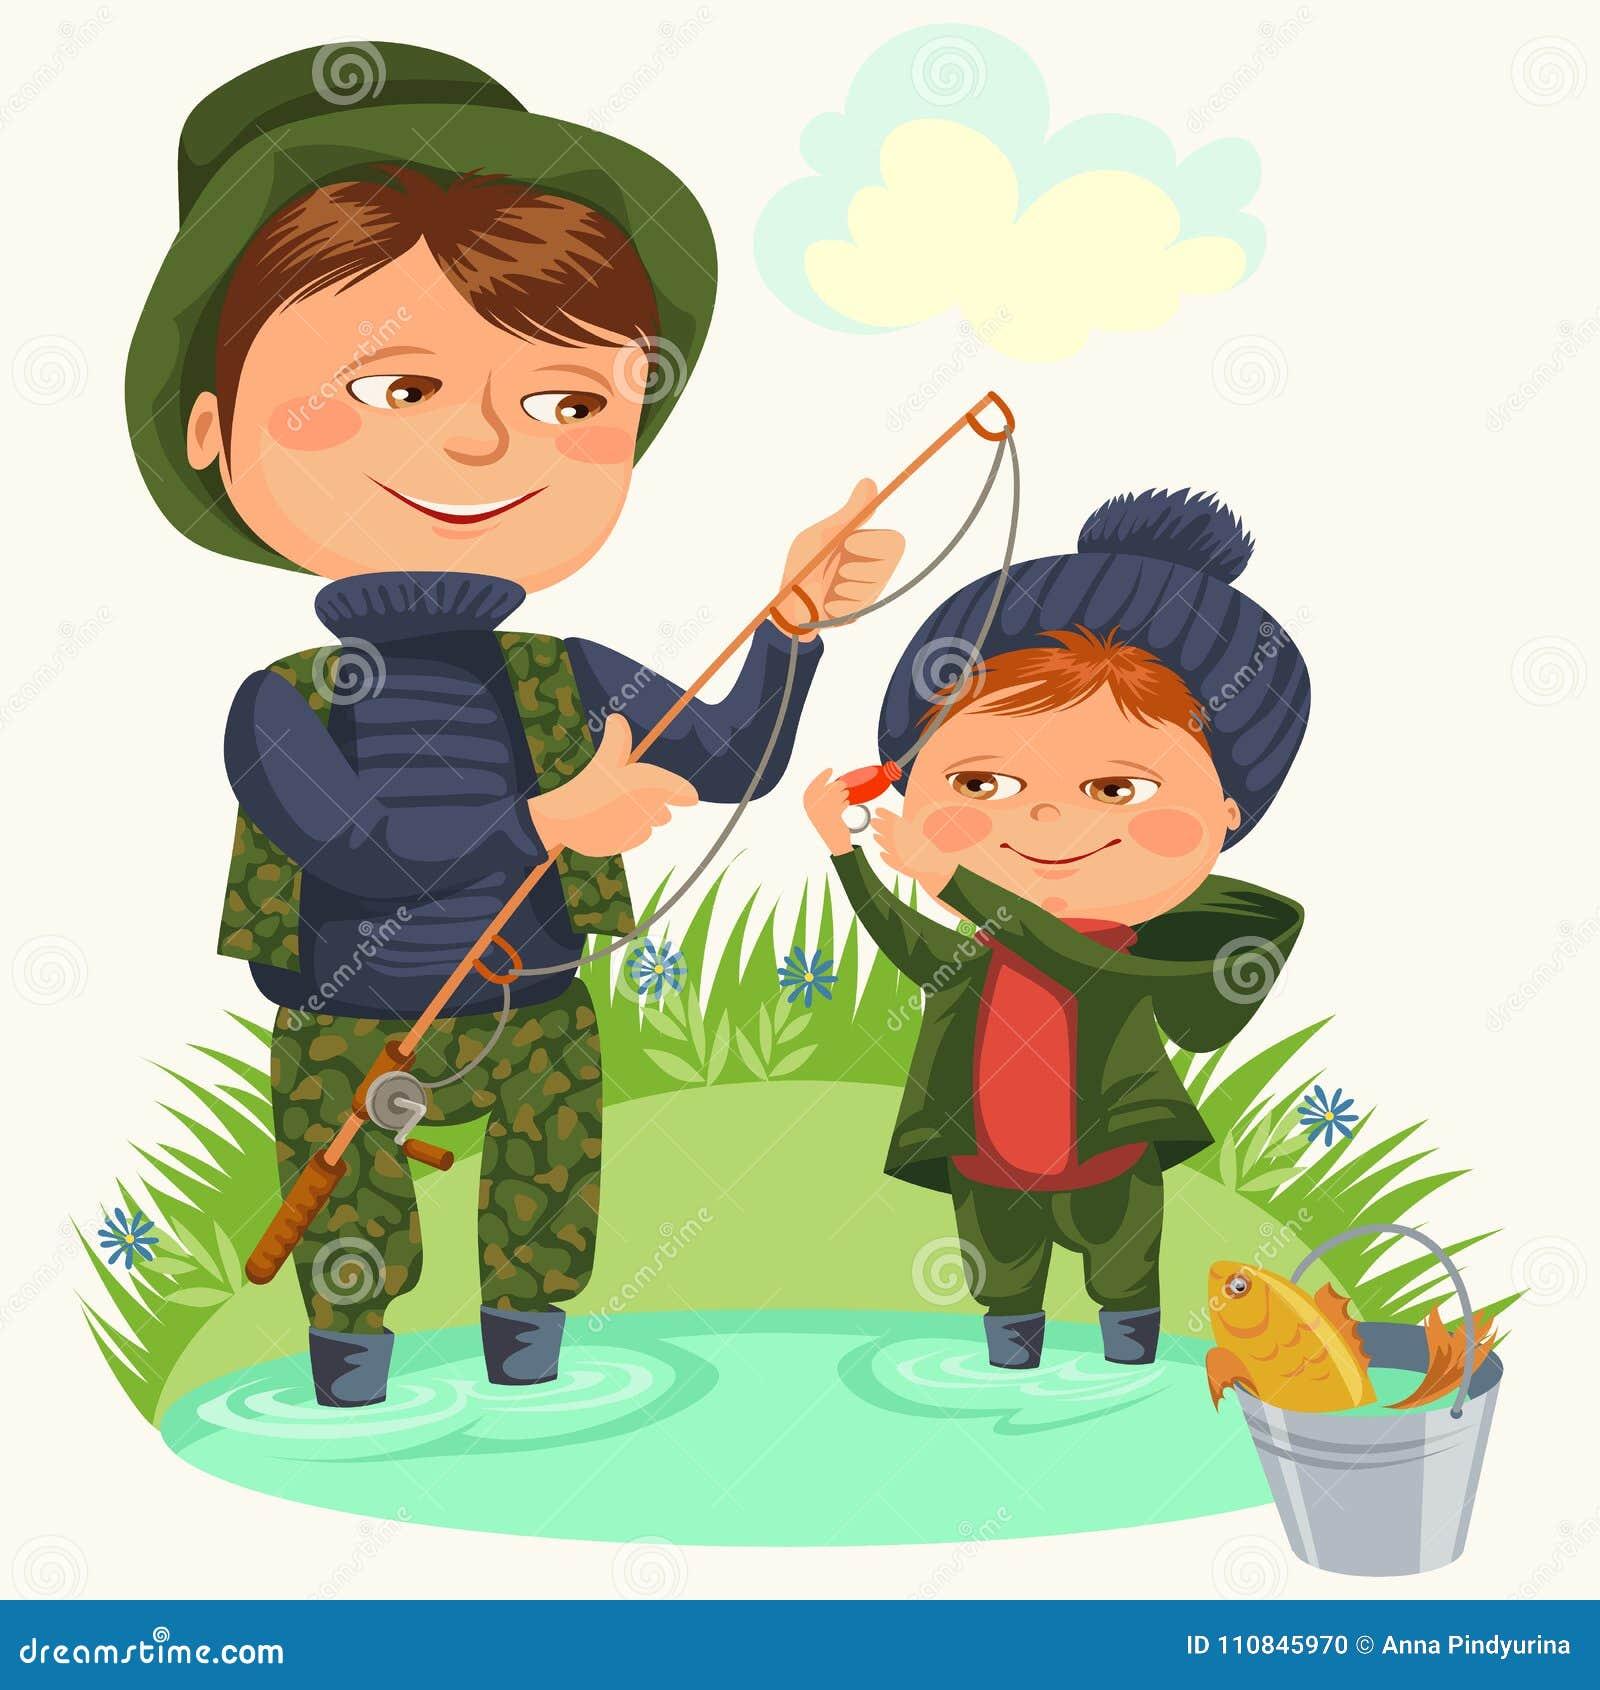 Отец и сын мочат крепежный стержень рыбной ловли и bucket полные рыбы, день отцов каникул детей семьи счастливый, папа с ребенком